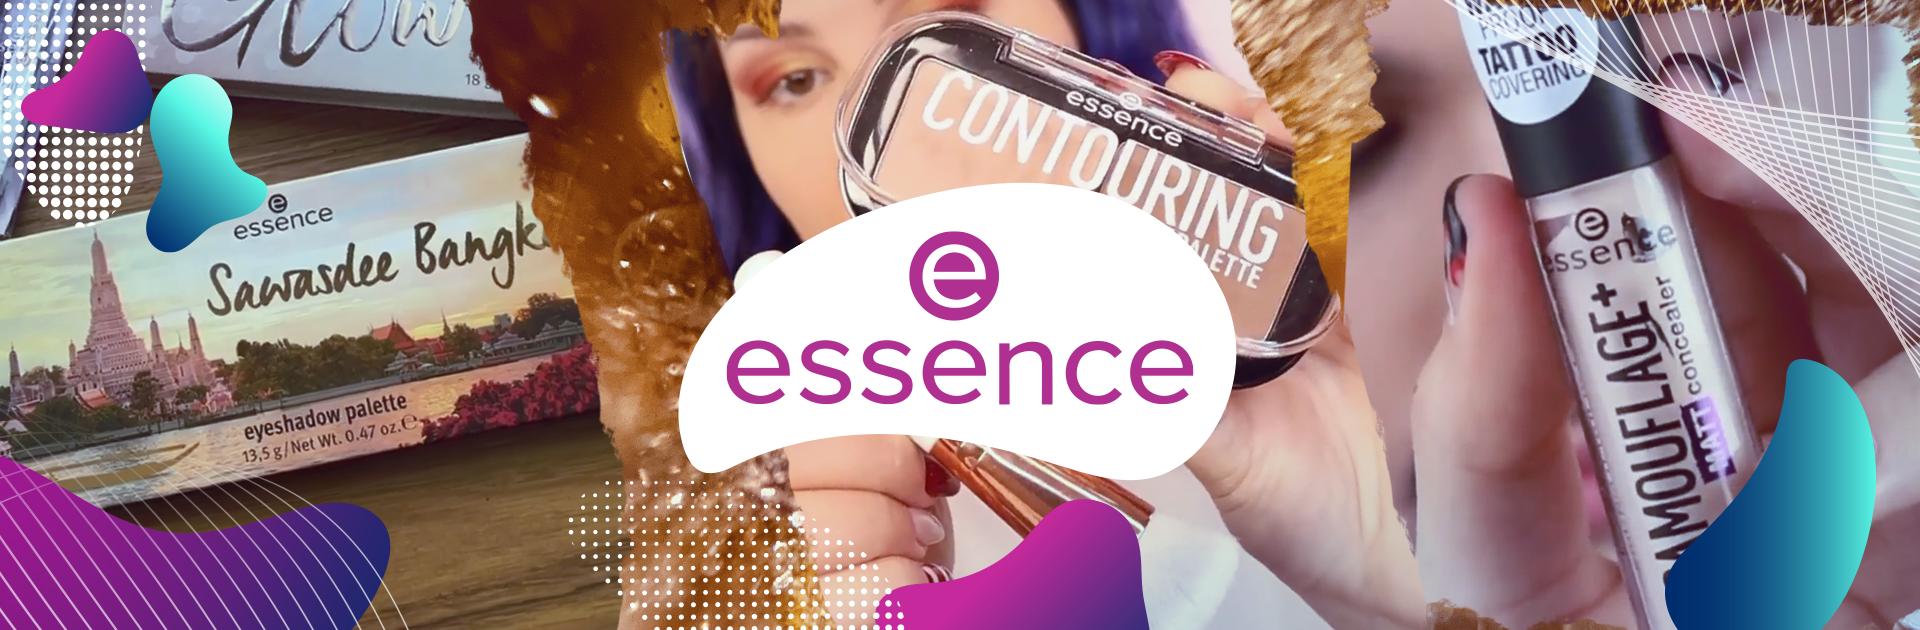 Influencer marketing per Essence